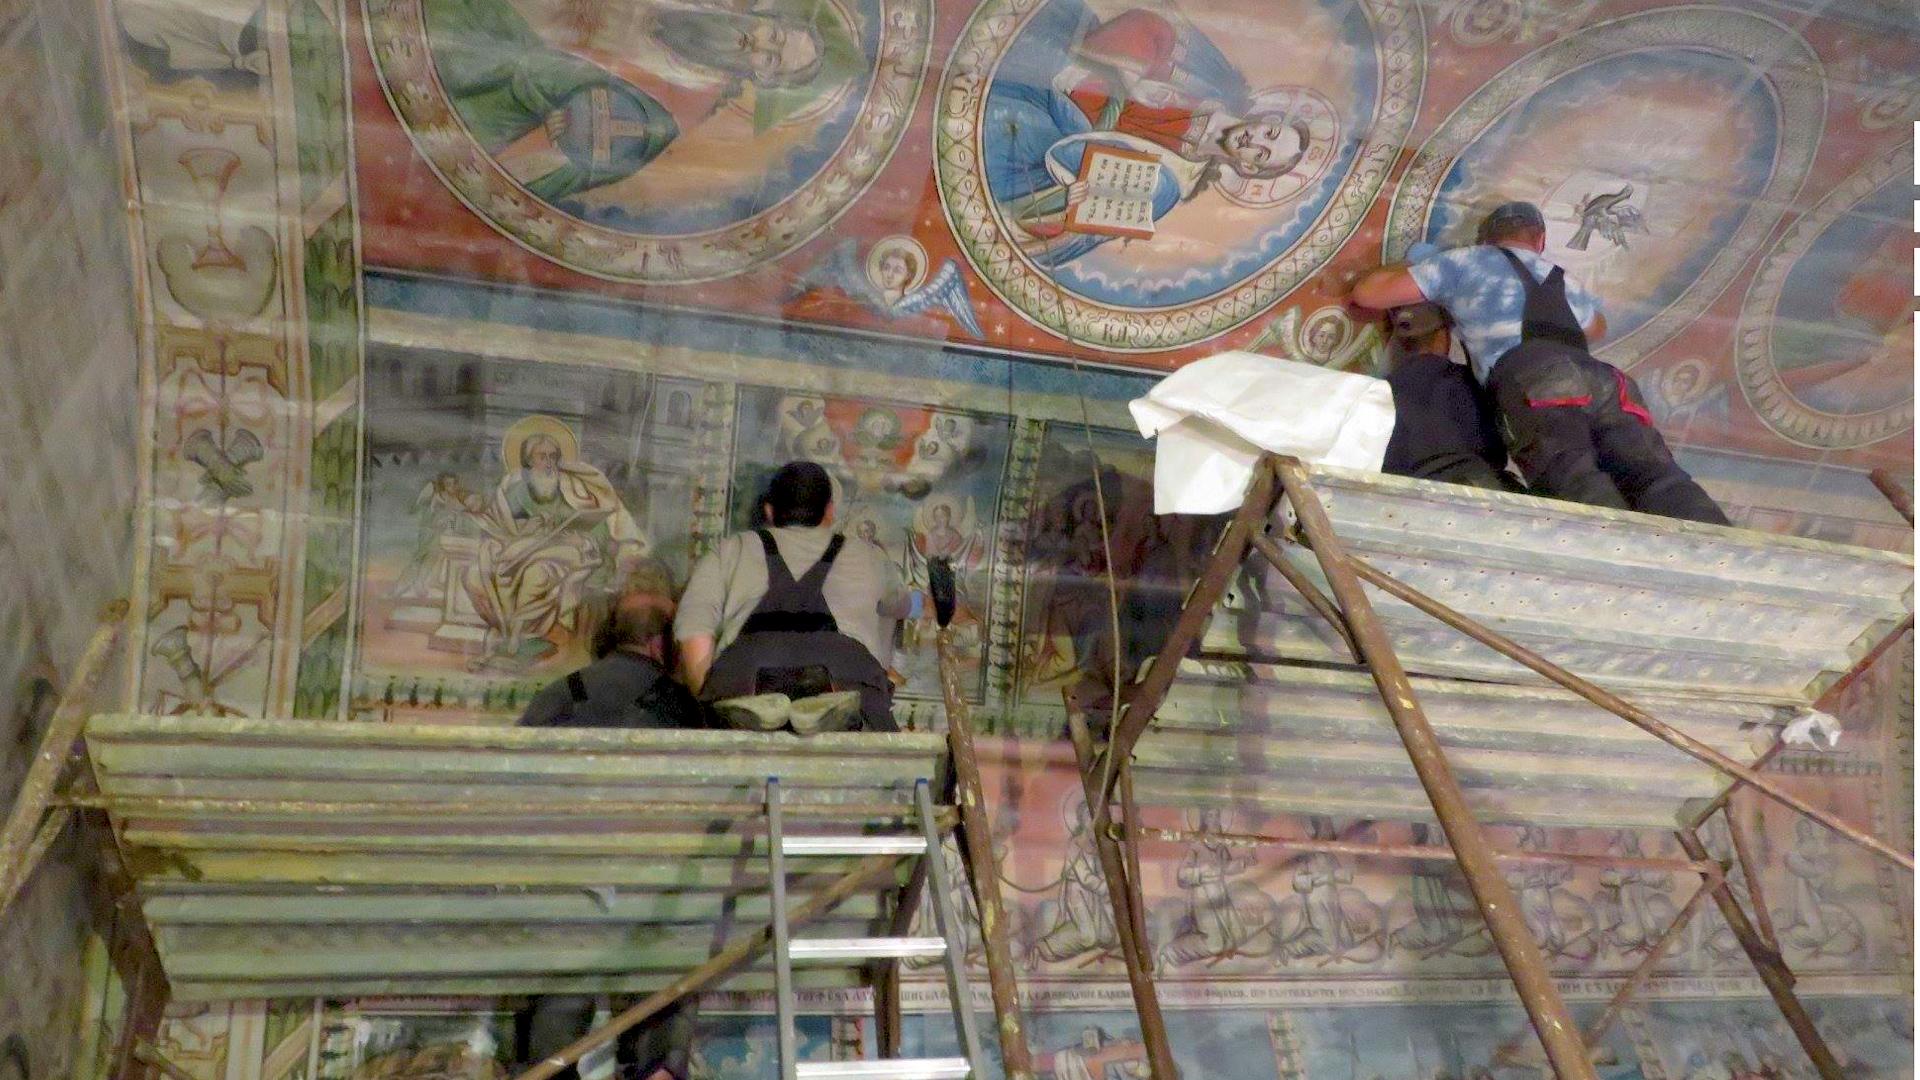 Pictura a fost extrasă de pe pereții bisericii